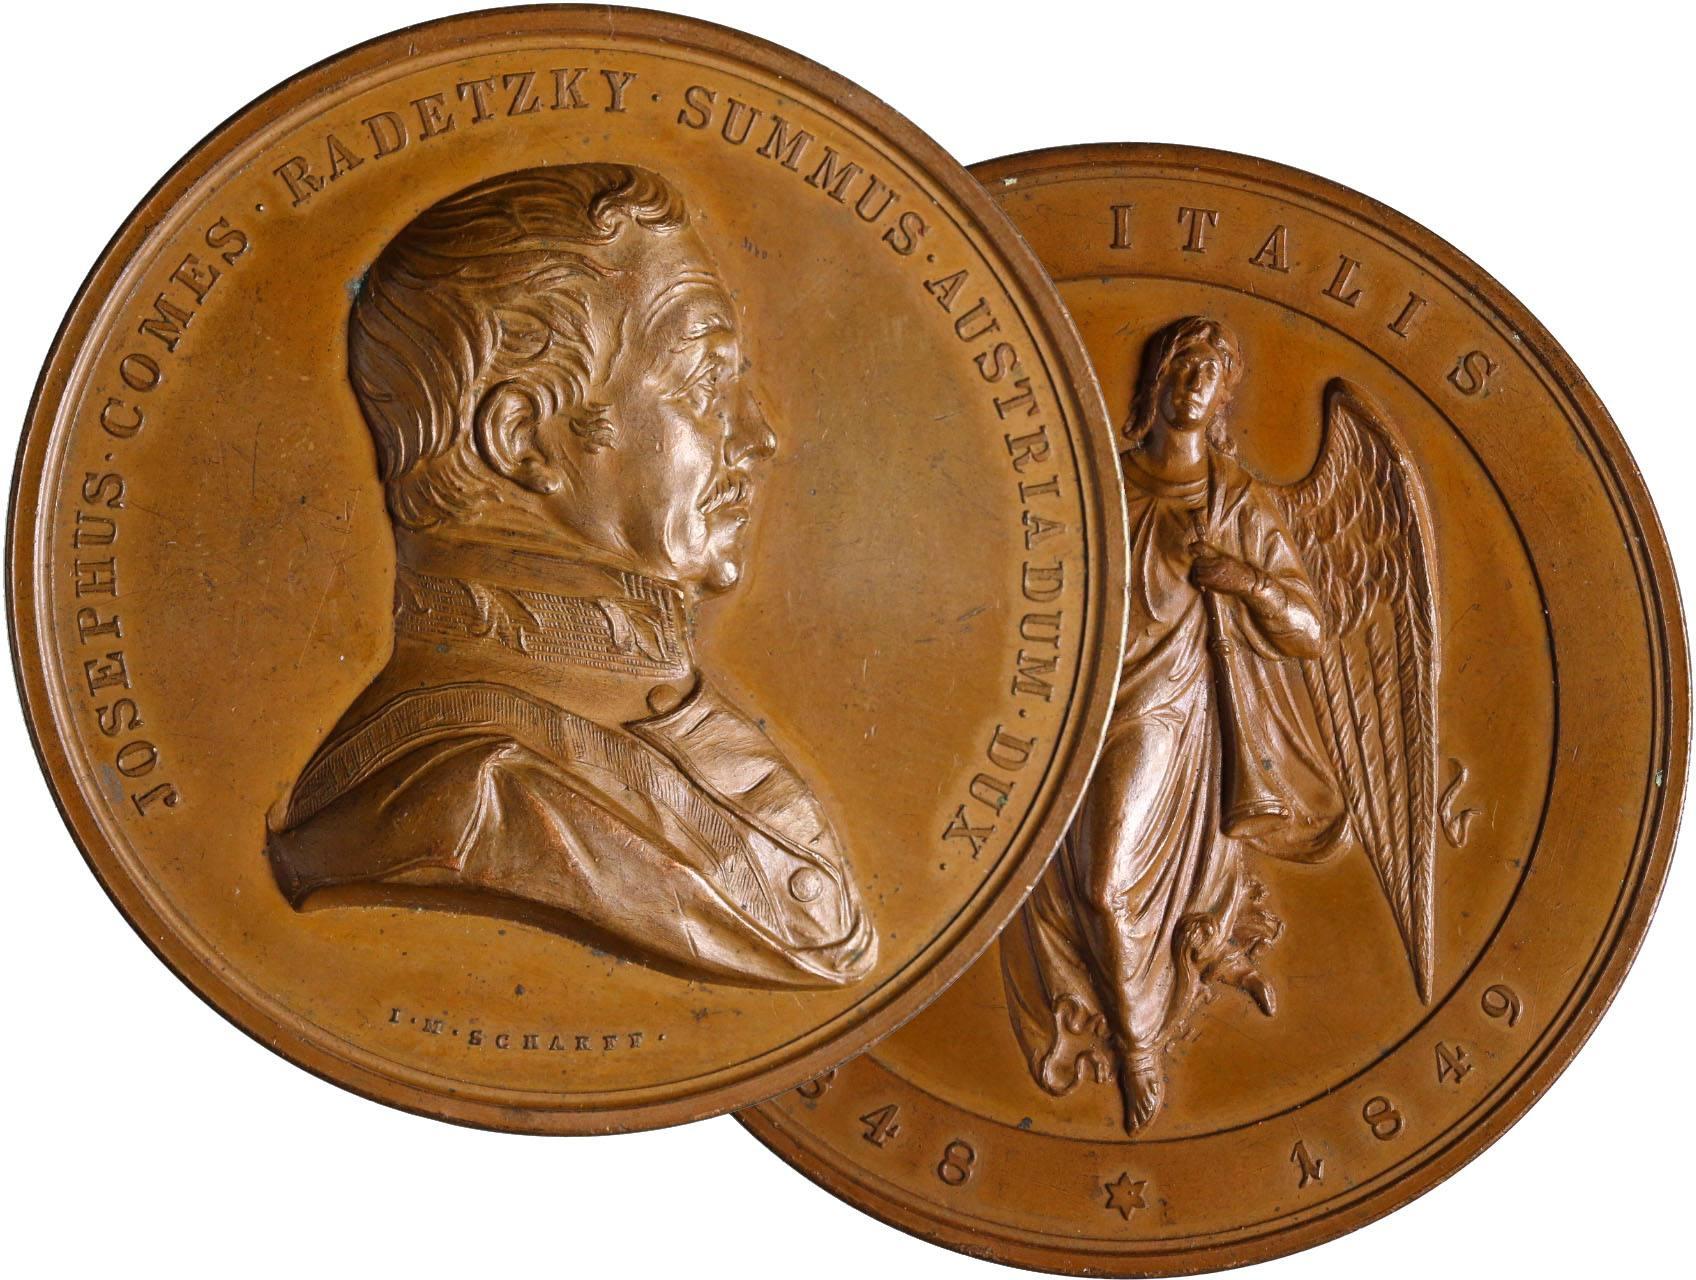 Scharff Johan Michael 1806-1855 - AE Medaile 1849, Poprsí Josefa Radeckého zprava, opis / Anděl s věncem a trubkou čelně, opis. Bronz 58 mm, dr. hr.